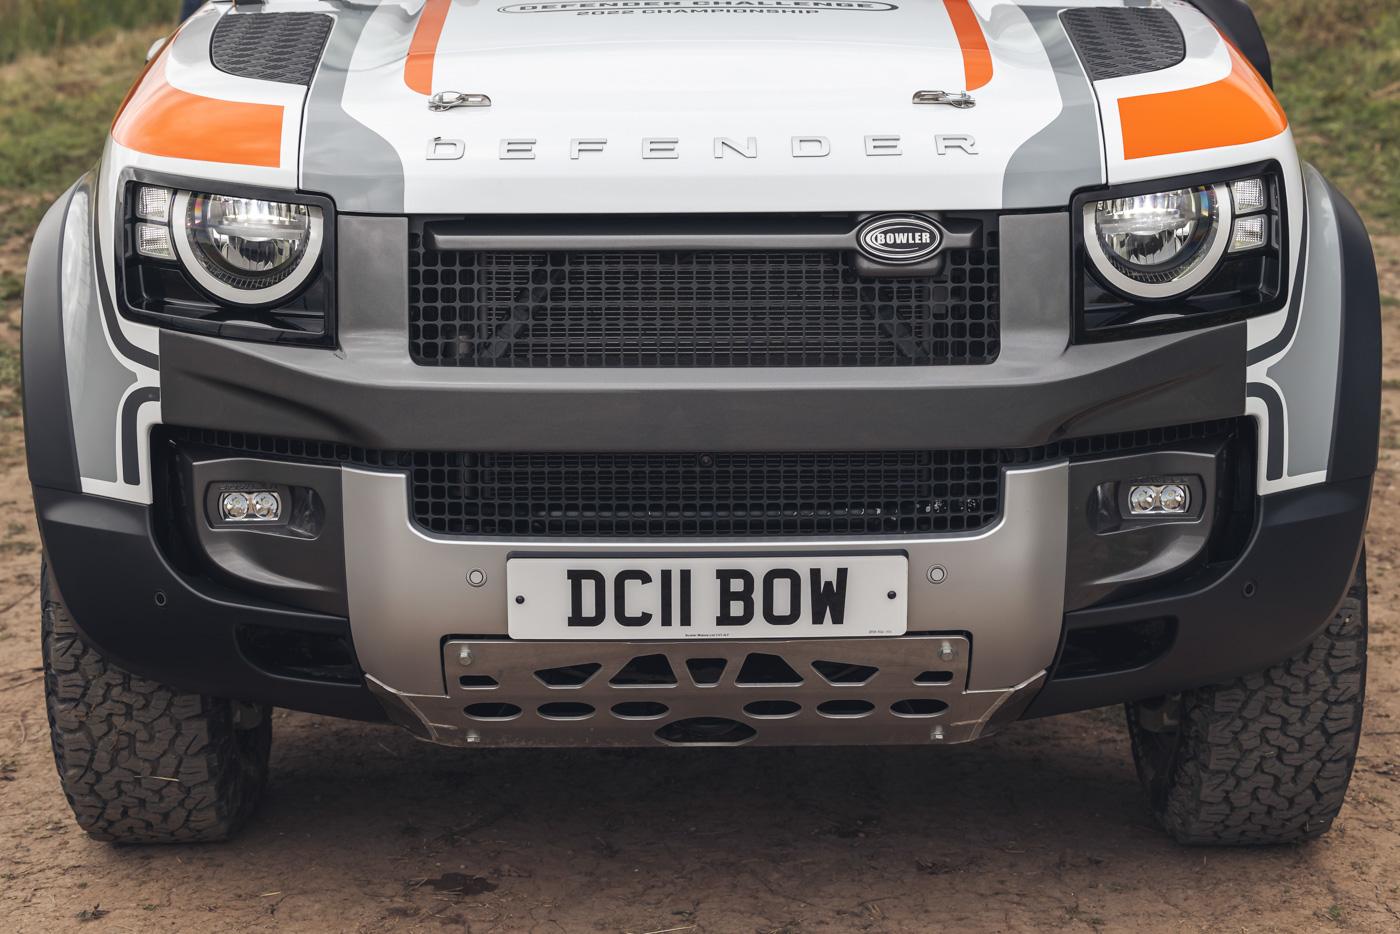 Land-Rover-hợp-tác-cùng-Bowler-ra-mắt-phiên-bản-đua-địa-hình-của-Defender-22.jpg